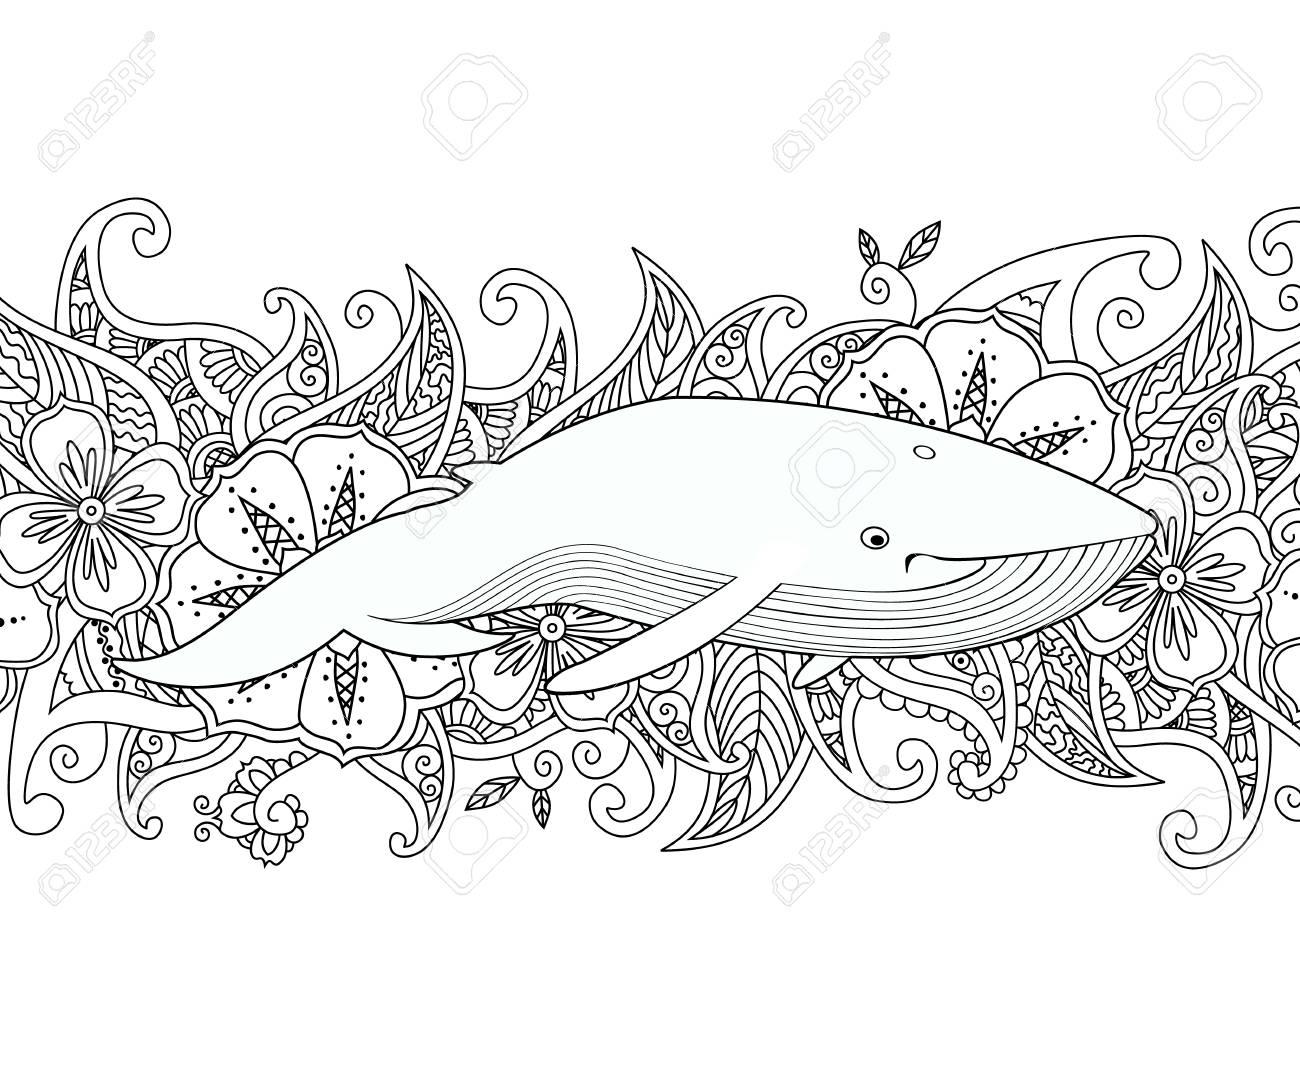 Página Para Colorear Con Ballena En El Mar En El Fondo Del Borde De